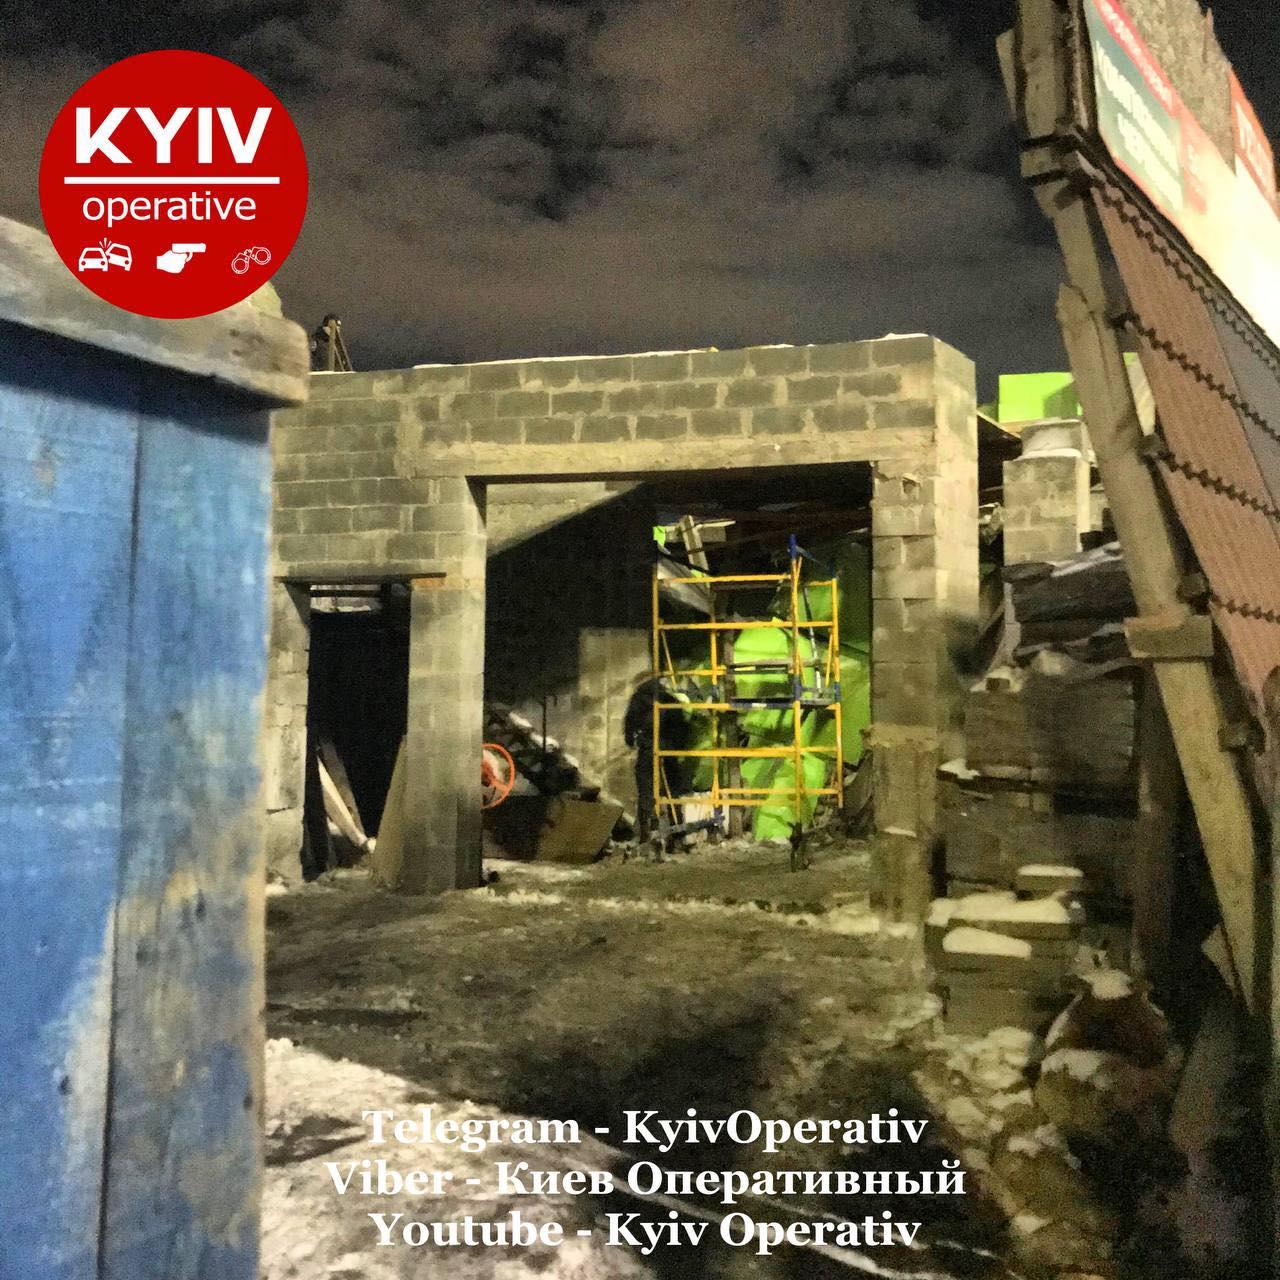 В Киеве произошел обвал на стройке с людьми внутри: что случилось